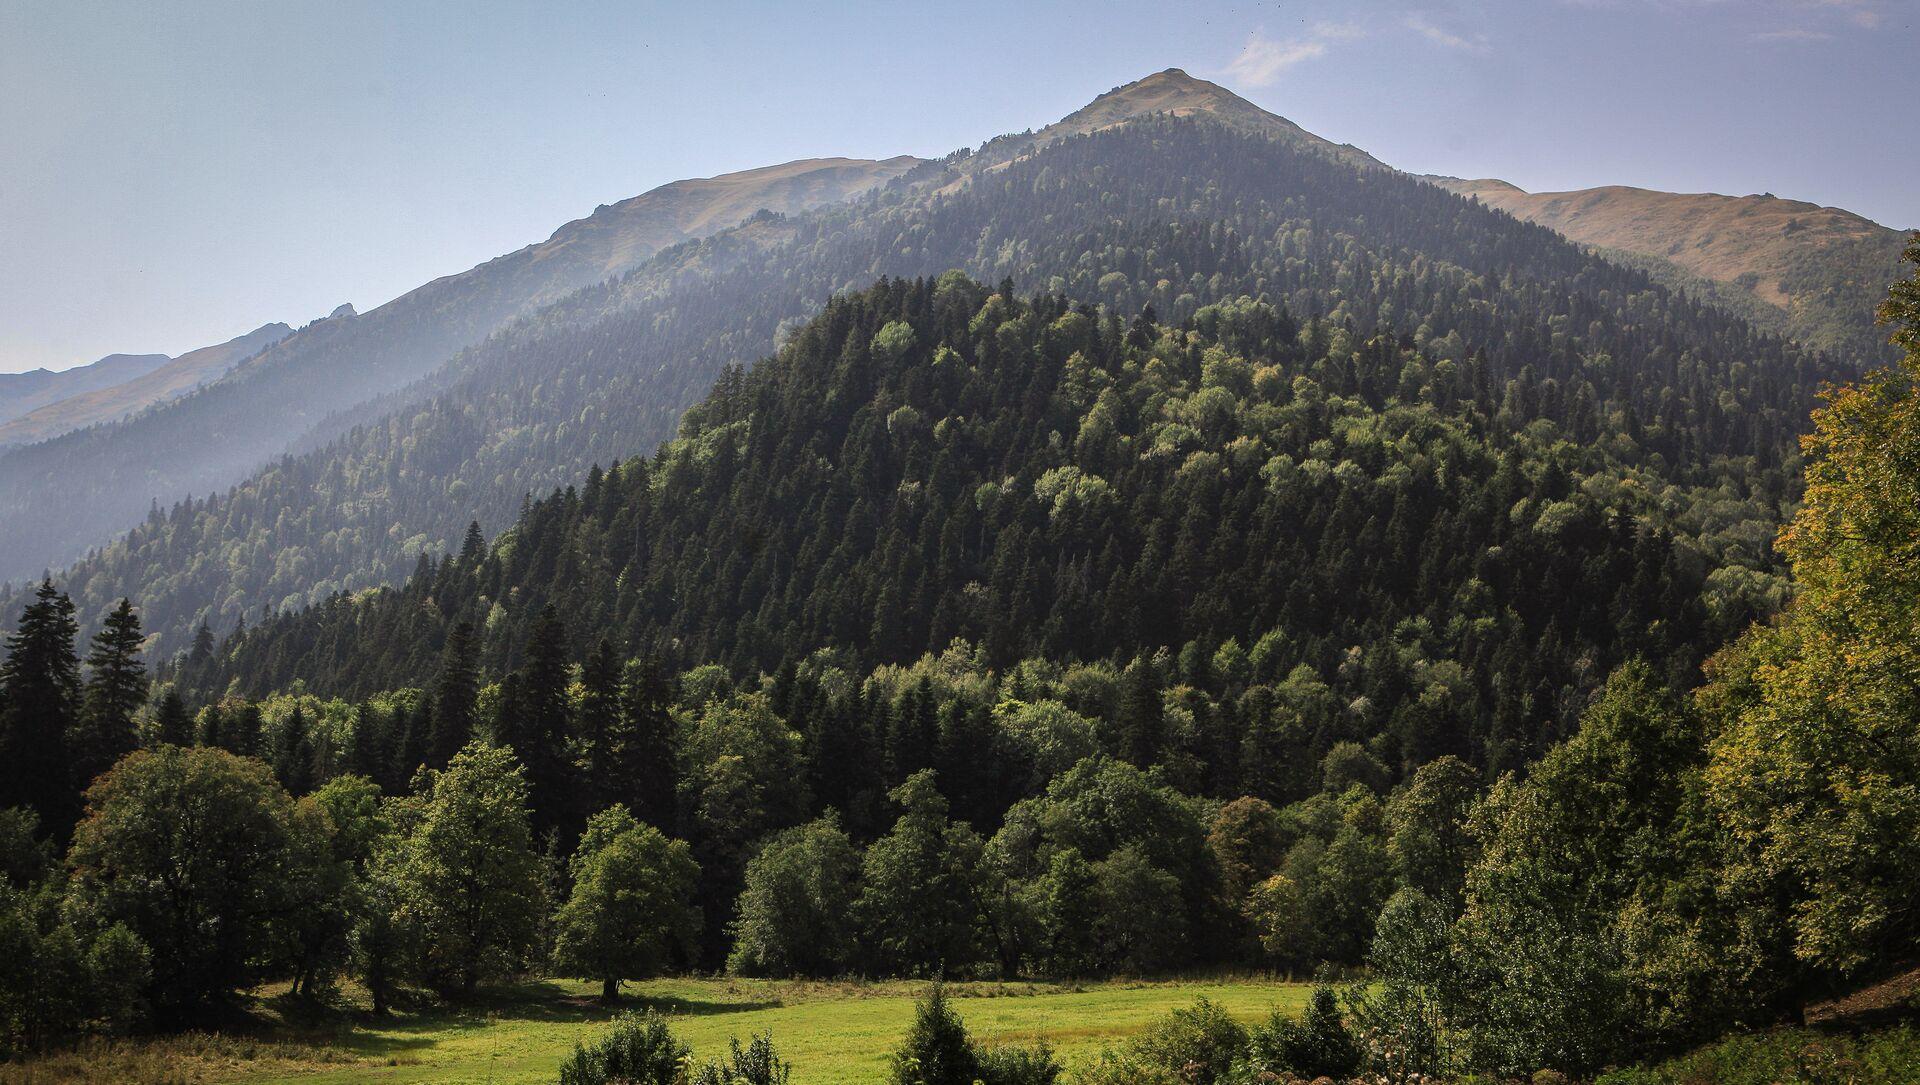 Góry na terenie wschodniej części Kaukaskiego Rezerwatu Biosfery (Republika Karaczajo-Czerkiesji). - Sputnik Polska, 1920, 07.06.2021